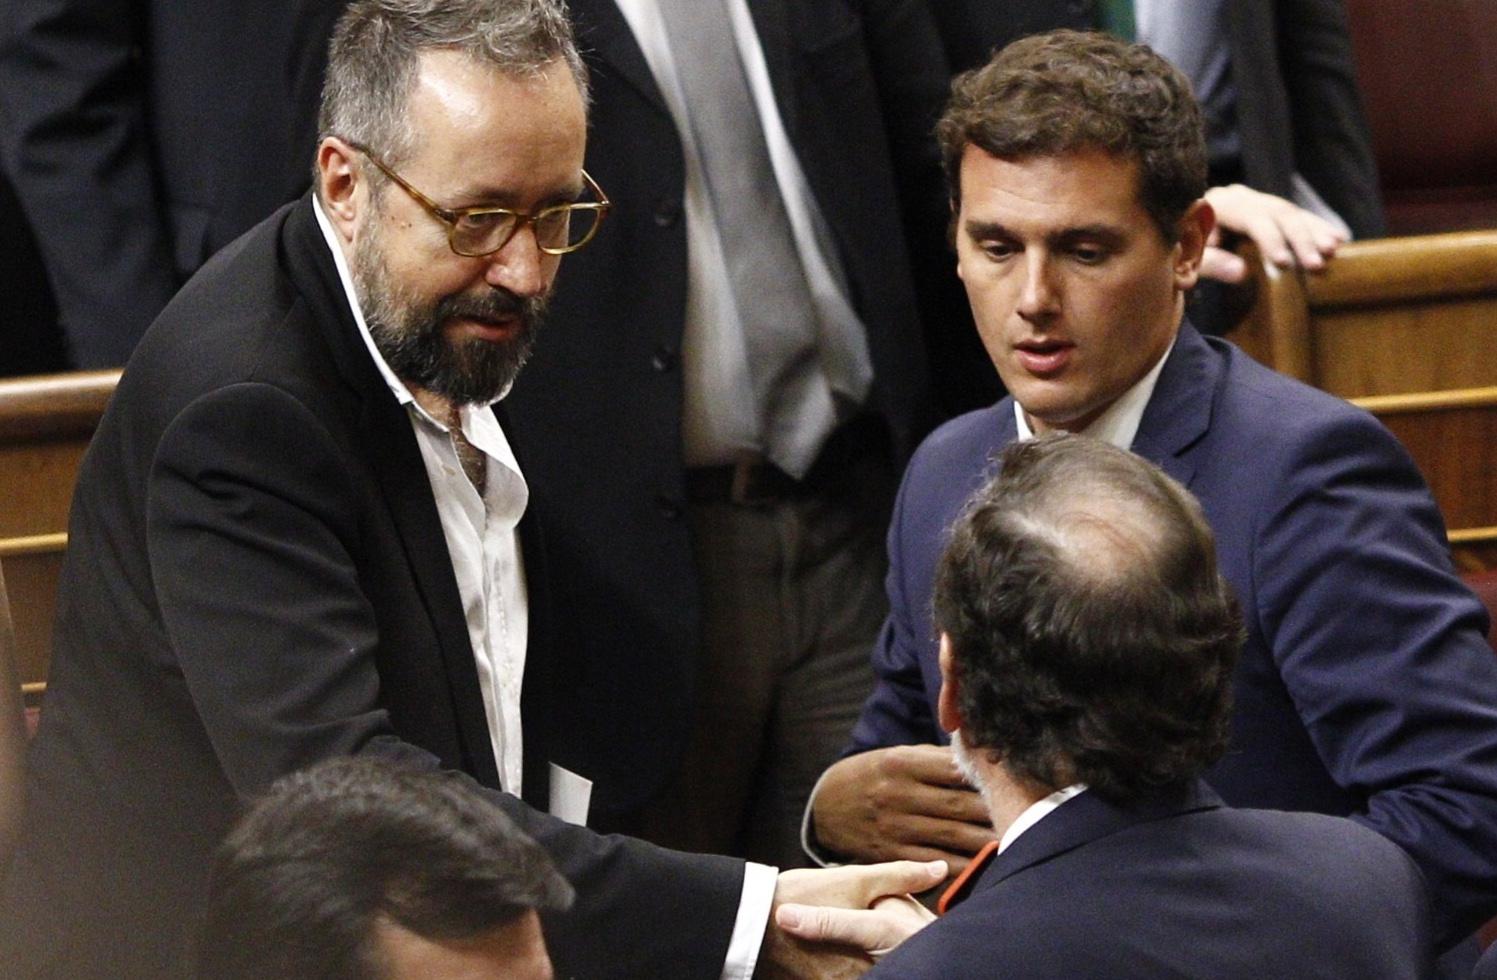 El presidente del Ciudadanos, Albert Rivera, frente al presidente del Gobierno, Mariano Rajoy.